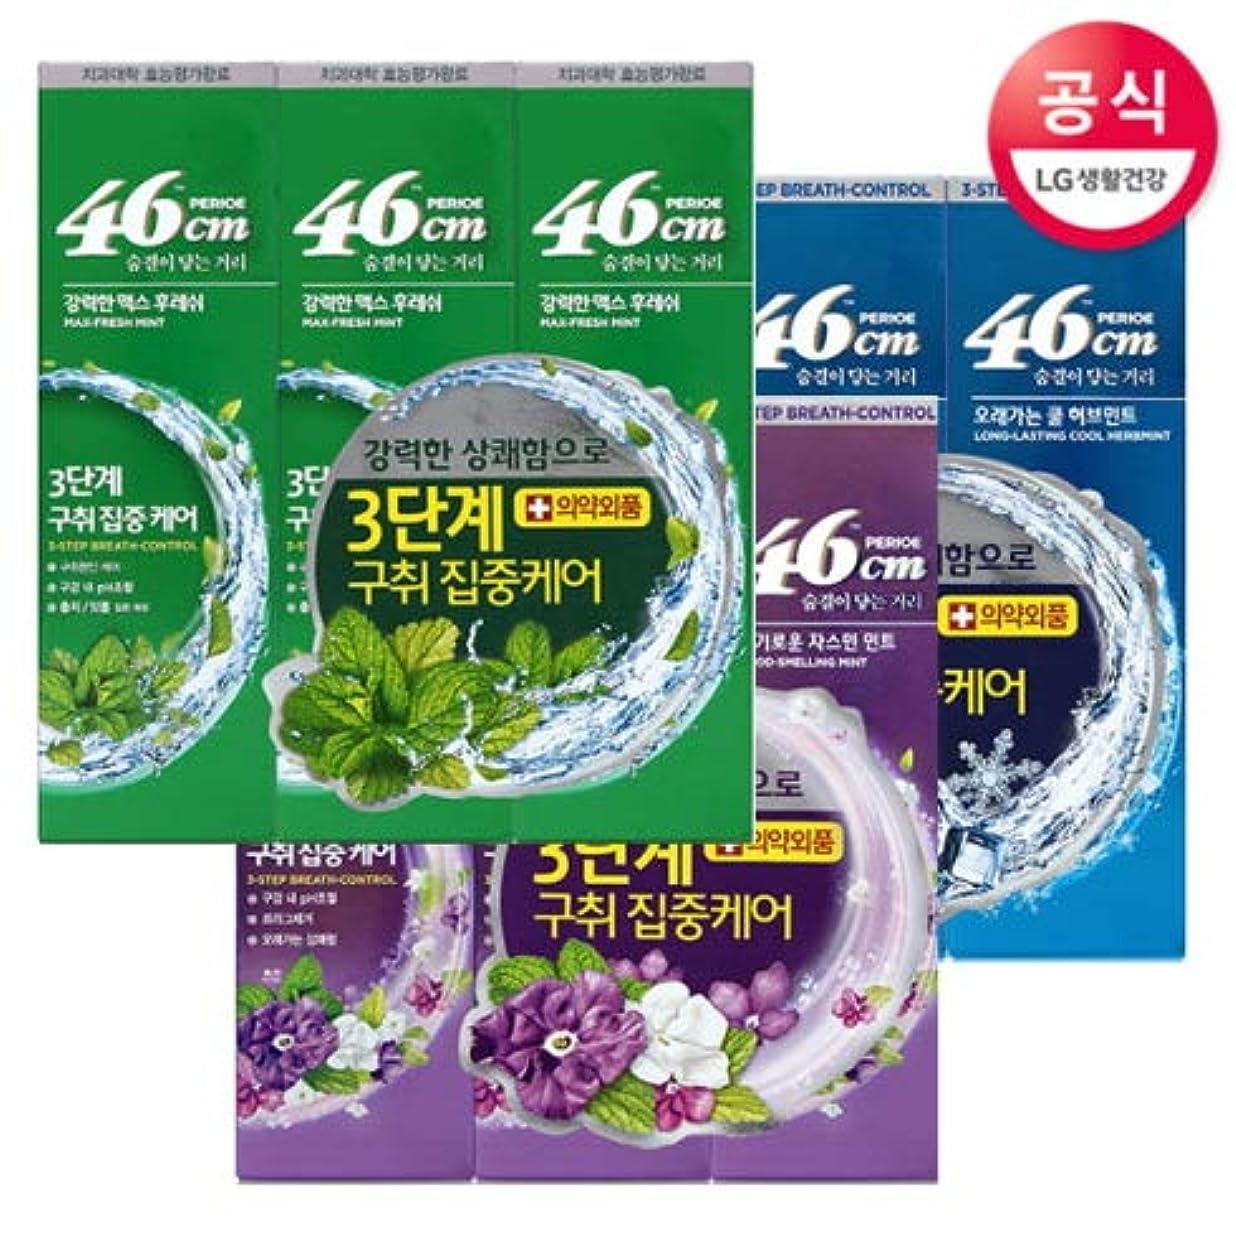 うなずく安息オーバーラン[LG HnB] Perio 46cm toothpaste /ペリオ46cm歯磨き粉 100gx9個(海外直送品)